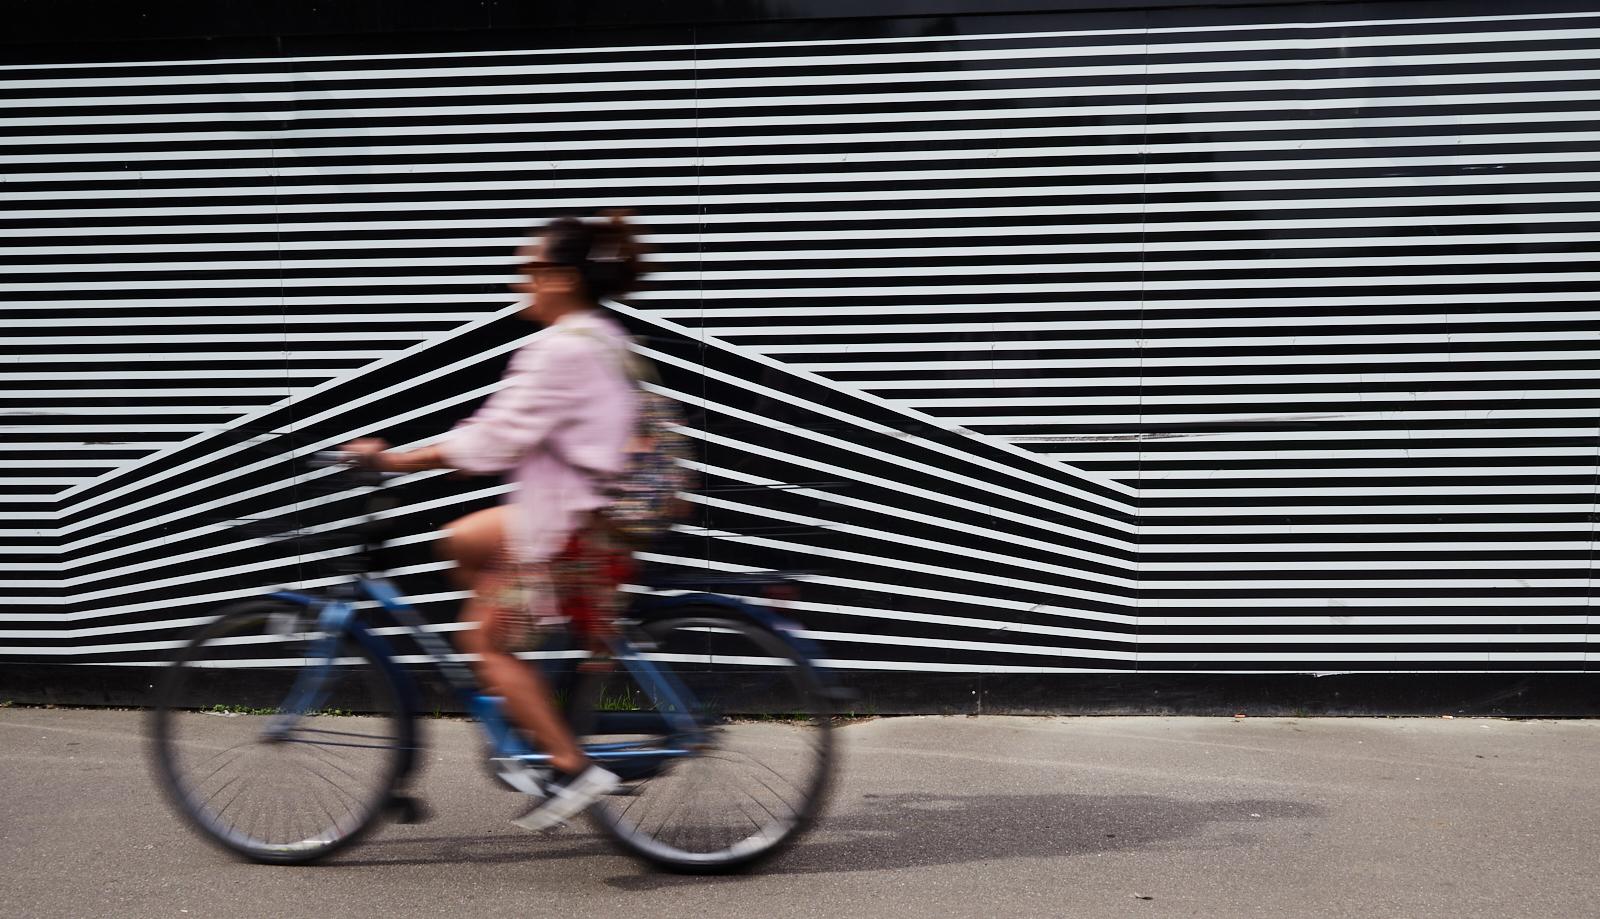 Cycle tracks1600x1200 sRGB.jpg